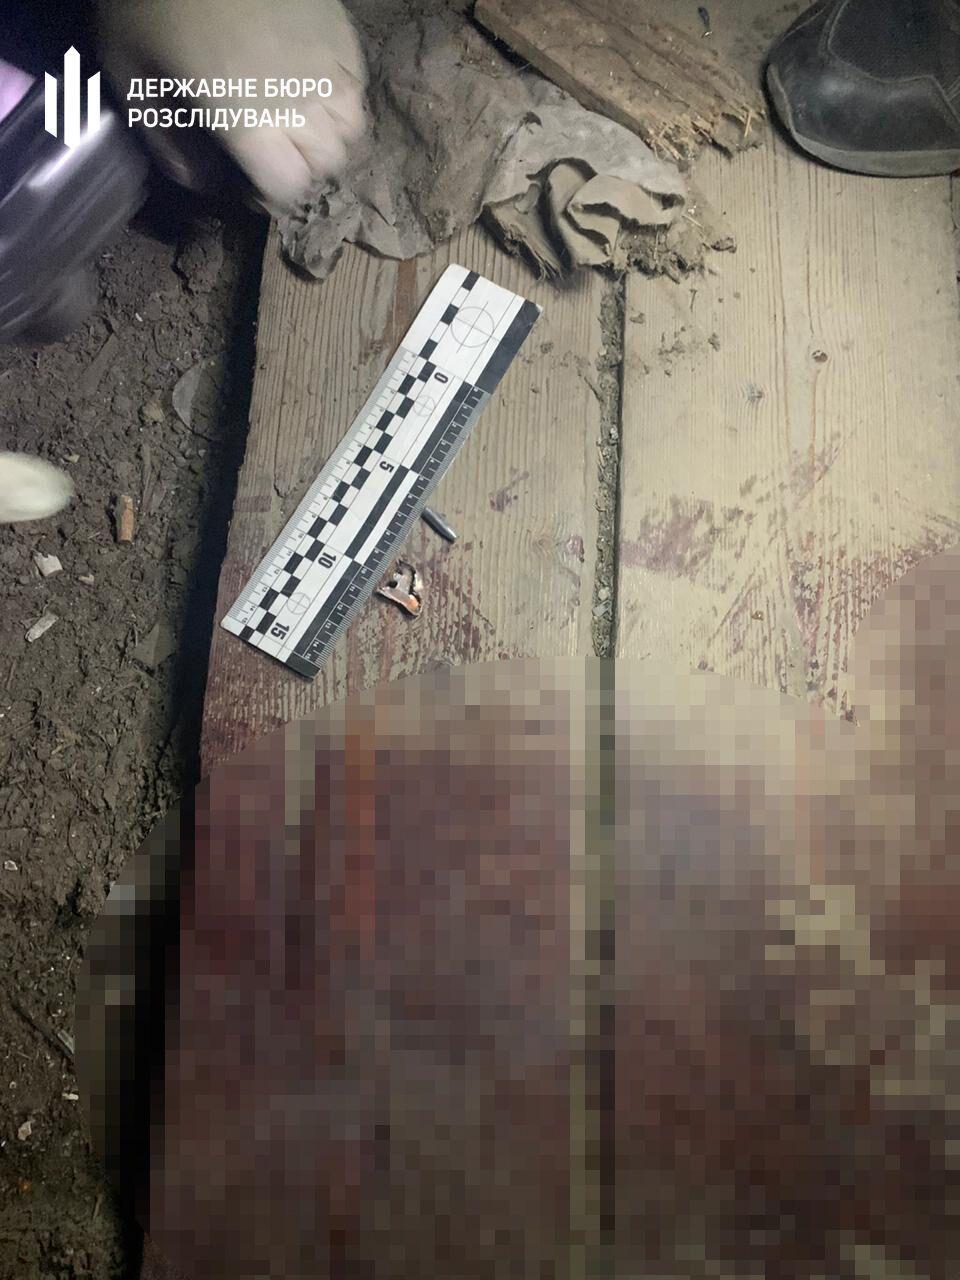 Вбив пострілом у стегно: під Запоріжжям трапилася стрілянина між військовими